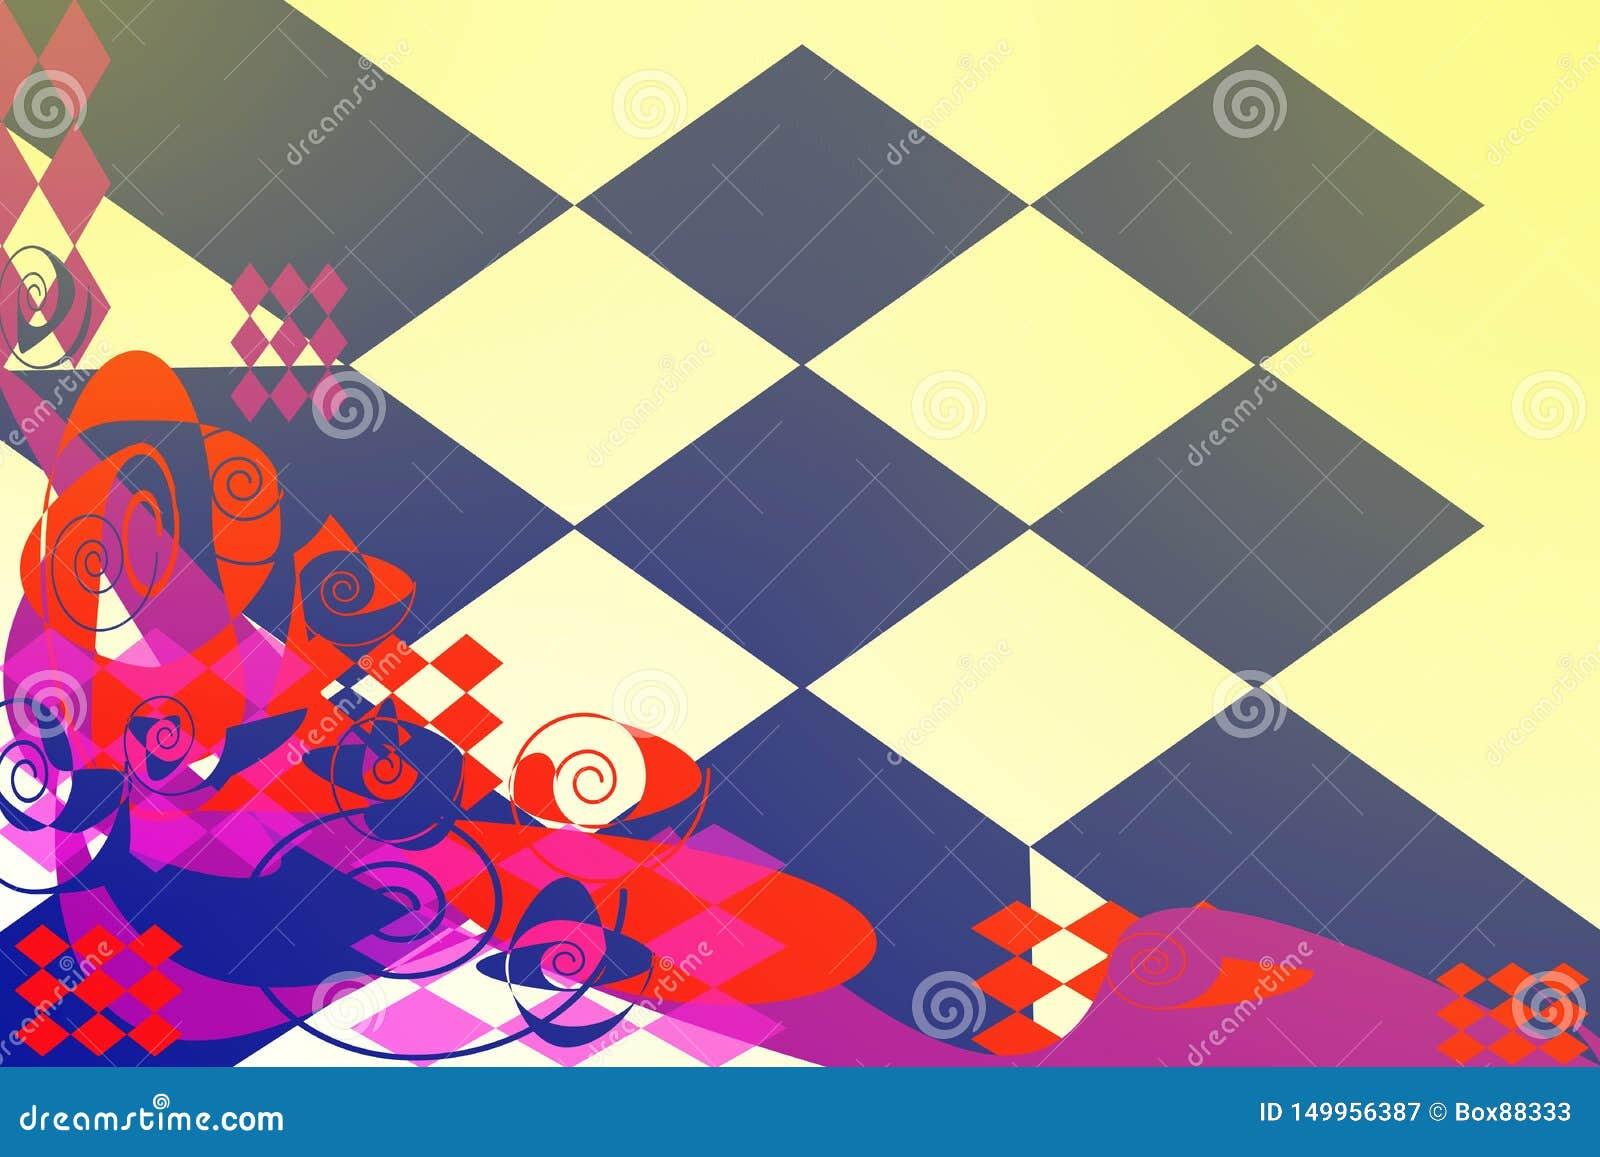 Modèle abstrait avec les éléments multicolores sur un fond clair